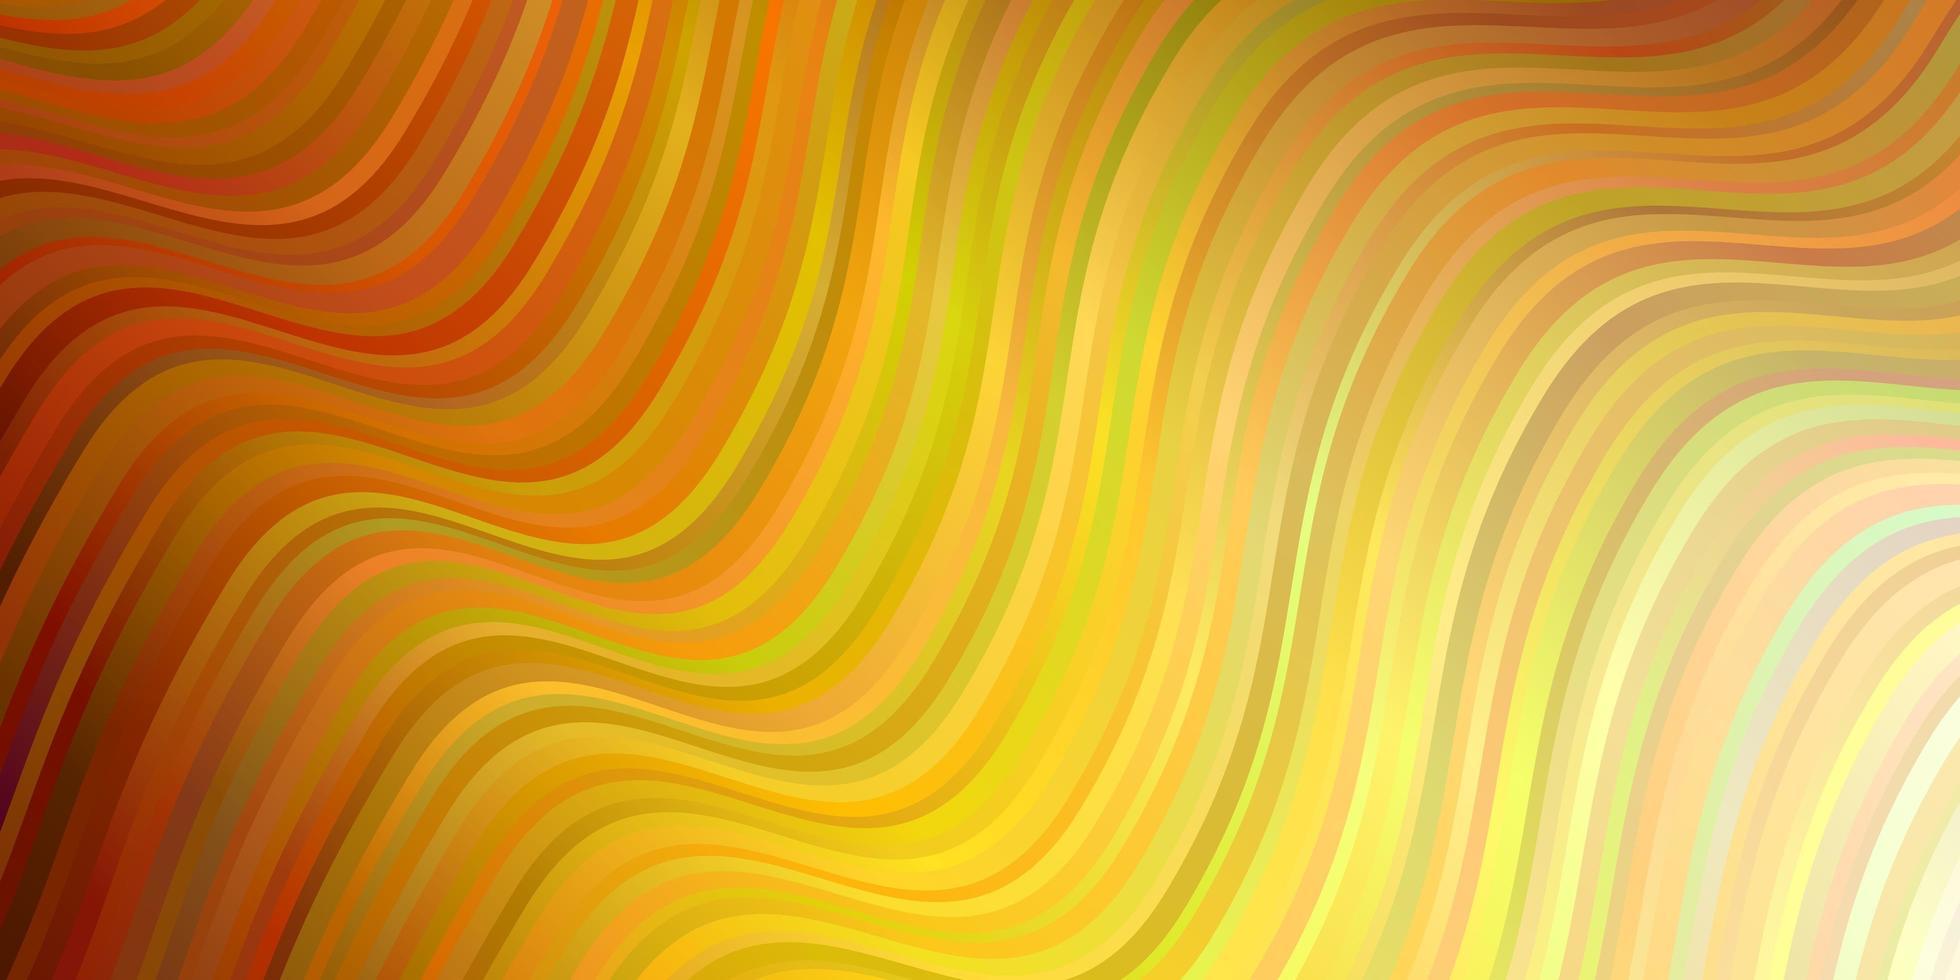 modèle de vecteur orange clair avec des lignes tordues.